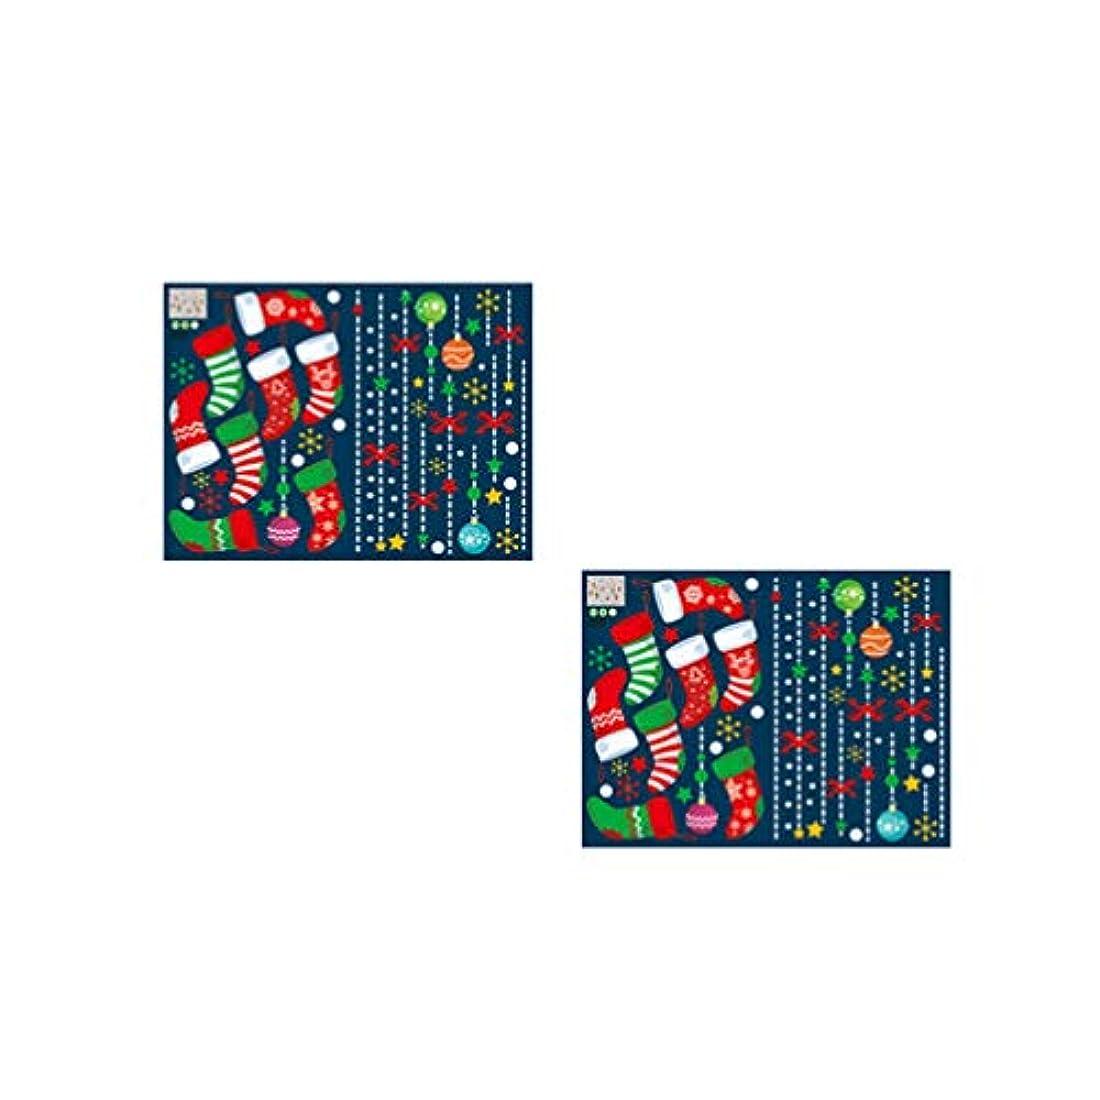 無関心システムシマウマHealifty 2ピースクリスマスウィンドウステッカーストッキングパターン壁デカール自己粘着ビニールdiy用クリスマスホリデーパーティーウィンドウ装飾